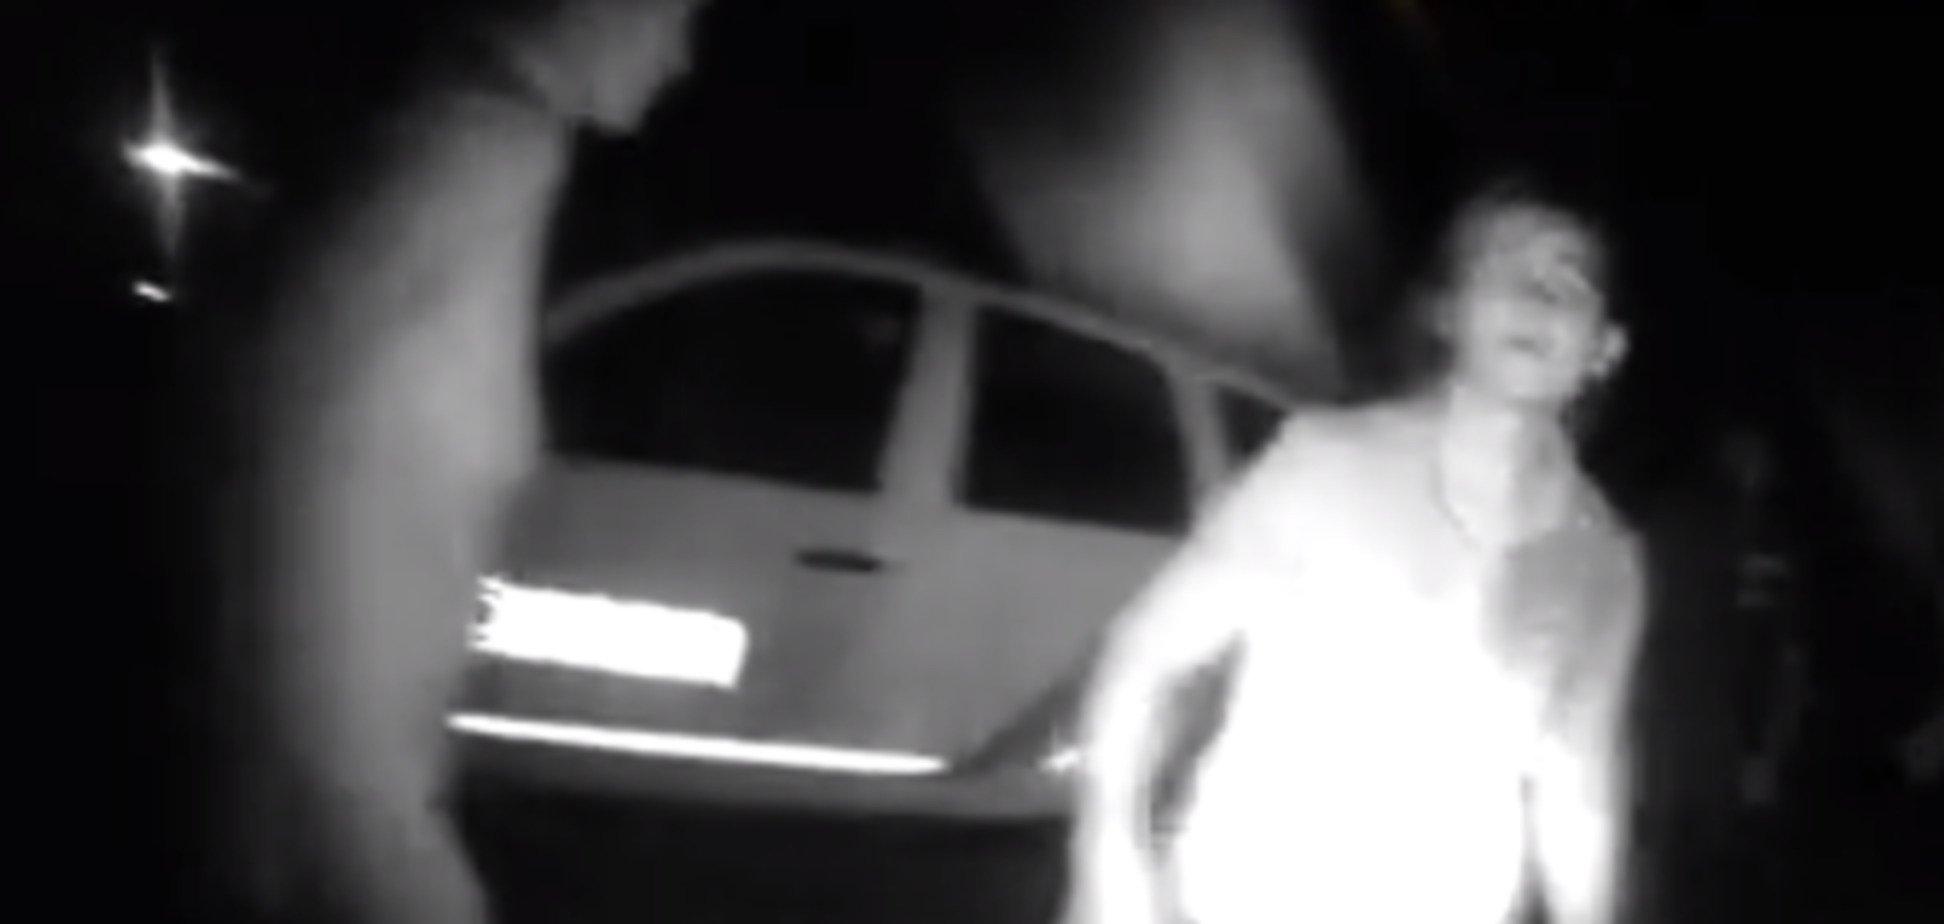 На Львовщине родственники пьяного водителя напали на полицейских с палками